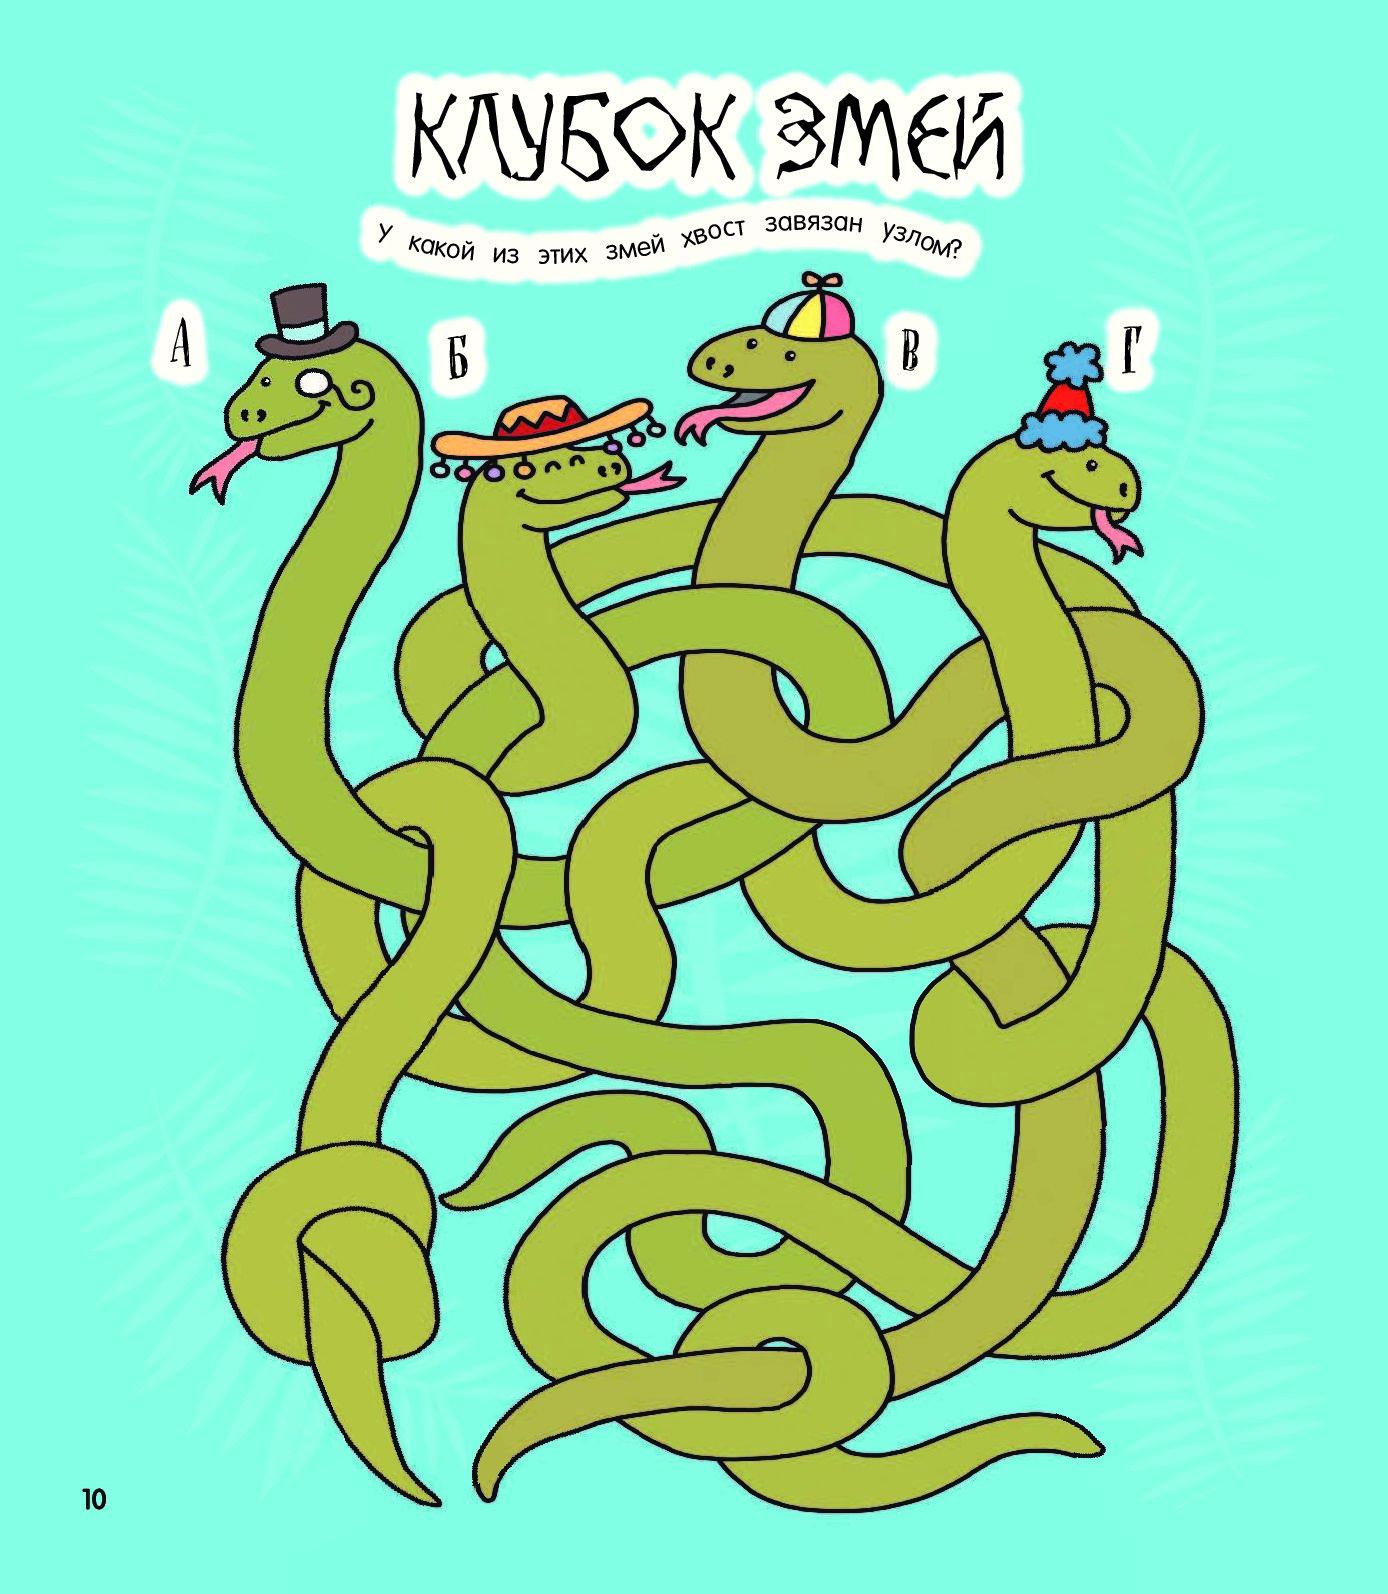 туда картинка змей лабиринт того чтобы предотвратить